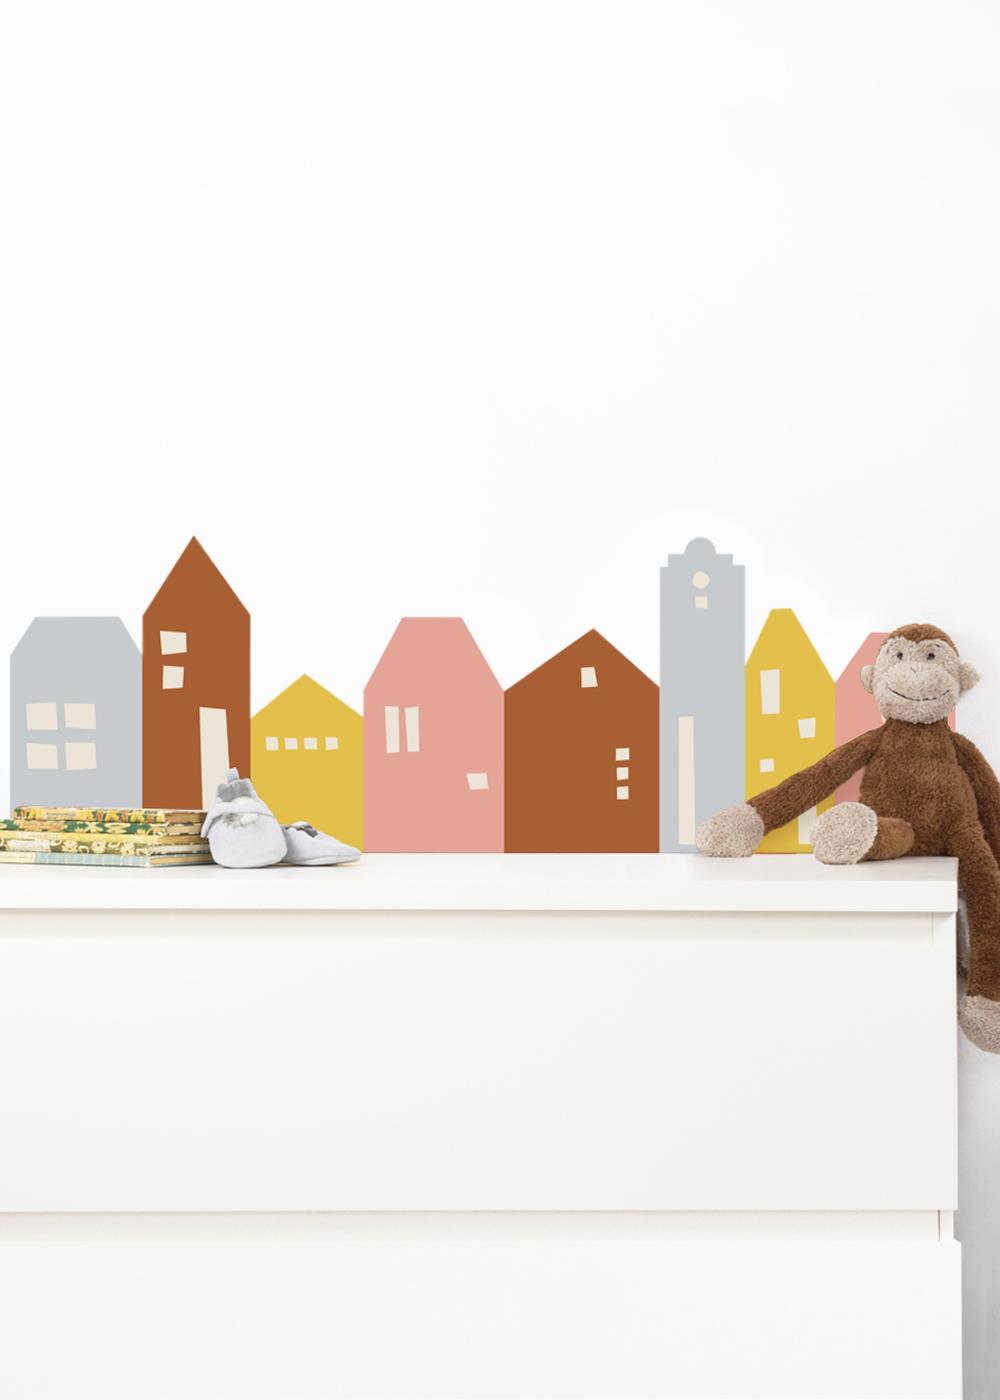 Ikea Mansarp Bilderleiste Lille Hus Eisblau Camel Gesamtansicht